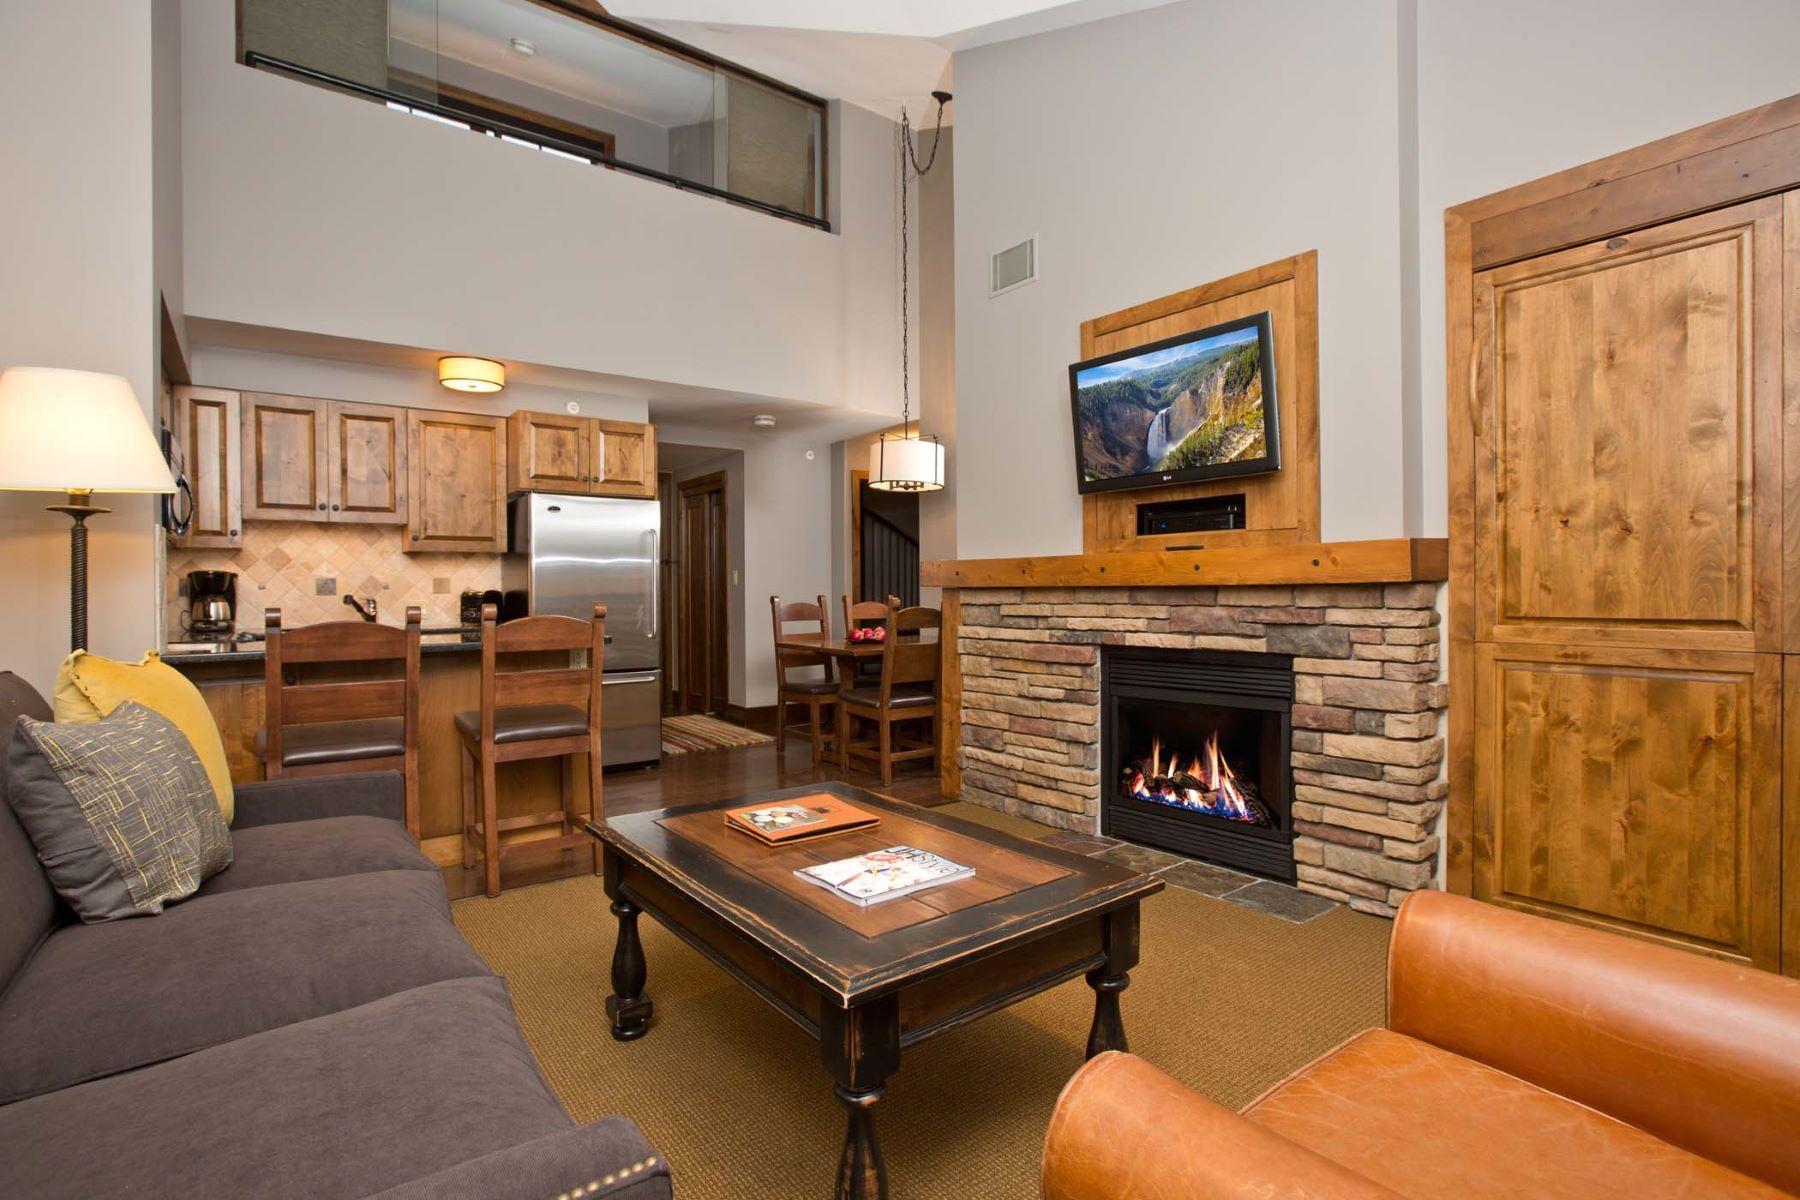 Eigentumswohnung für Verkauf beim Top Floor Mountain View at Teton Mountain Lodge 3385 W Village Dr. #506 Teton Village, Wyoming, 83025 Jackson Hole, Vereinigte Staaten